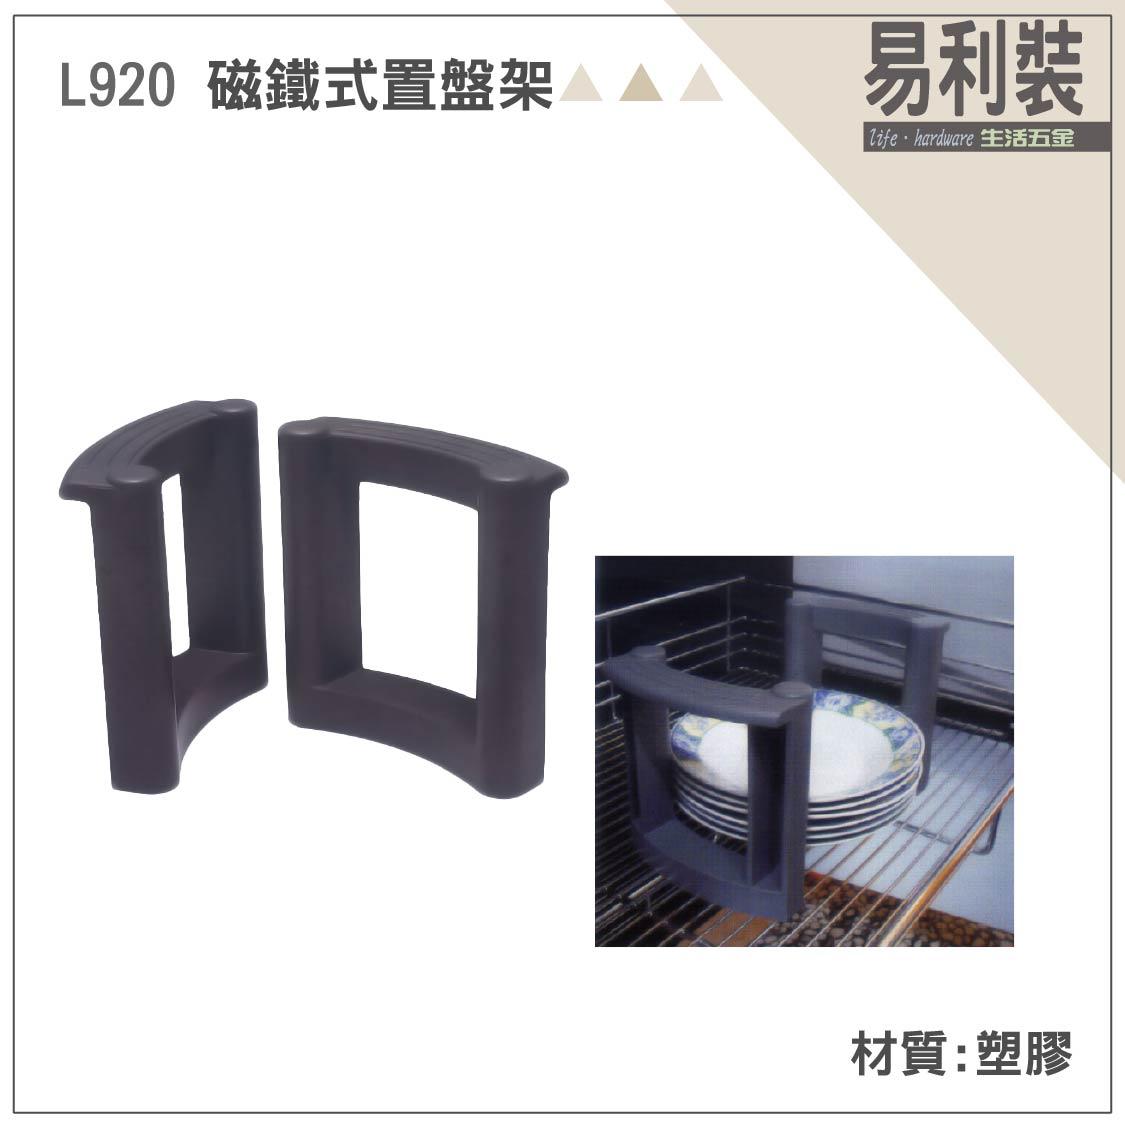 【 EASYCAN  】L920 磁鐵式置盤架 易利裝生活五金 碗盤架 房間 臥房 衣櫃 小資族 辦公家具 系統家具 - 限時優惠好康折扣